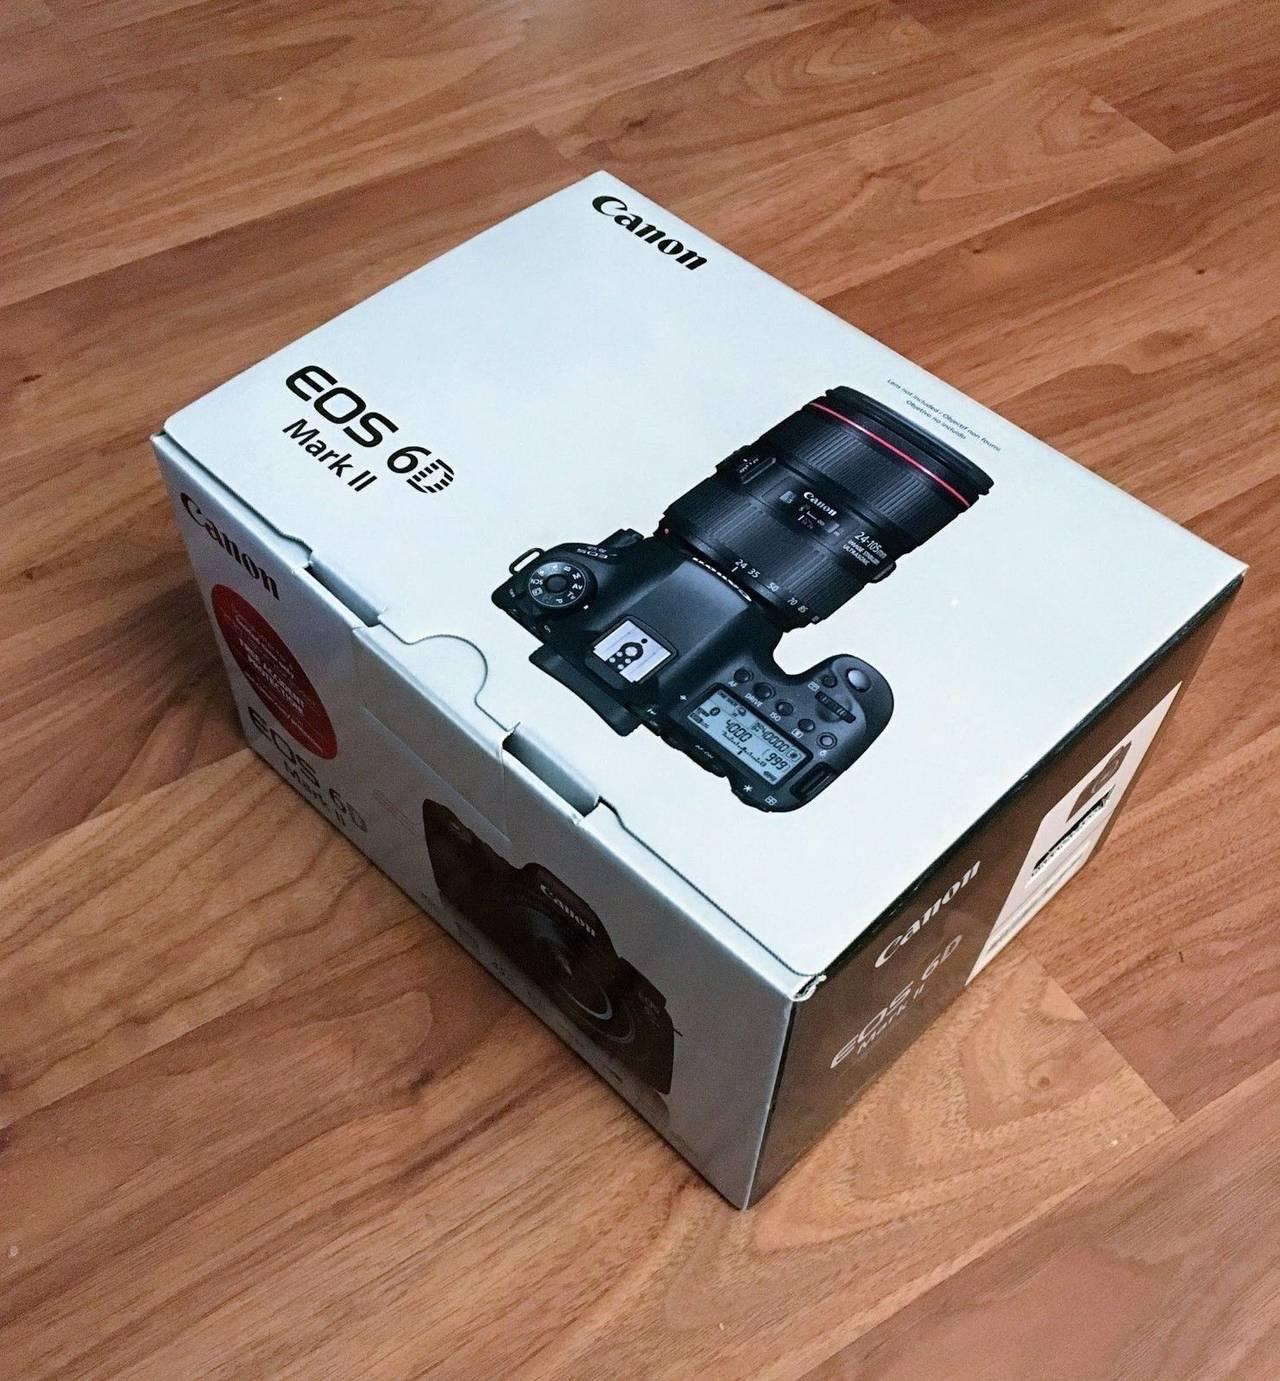 Canon 6d mark ii / Sony Alpha a9 / Nikon D500 / Sony a6500 / Nikon D60